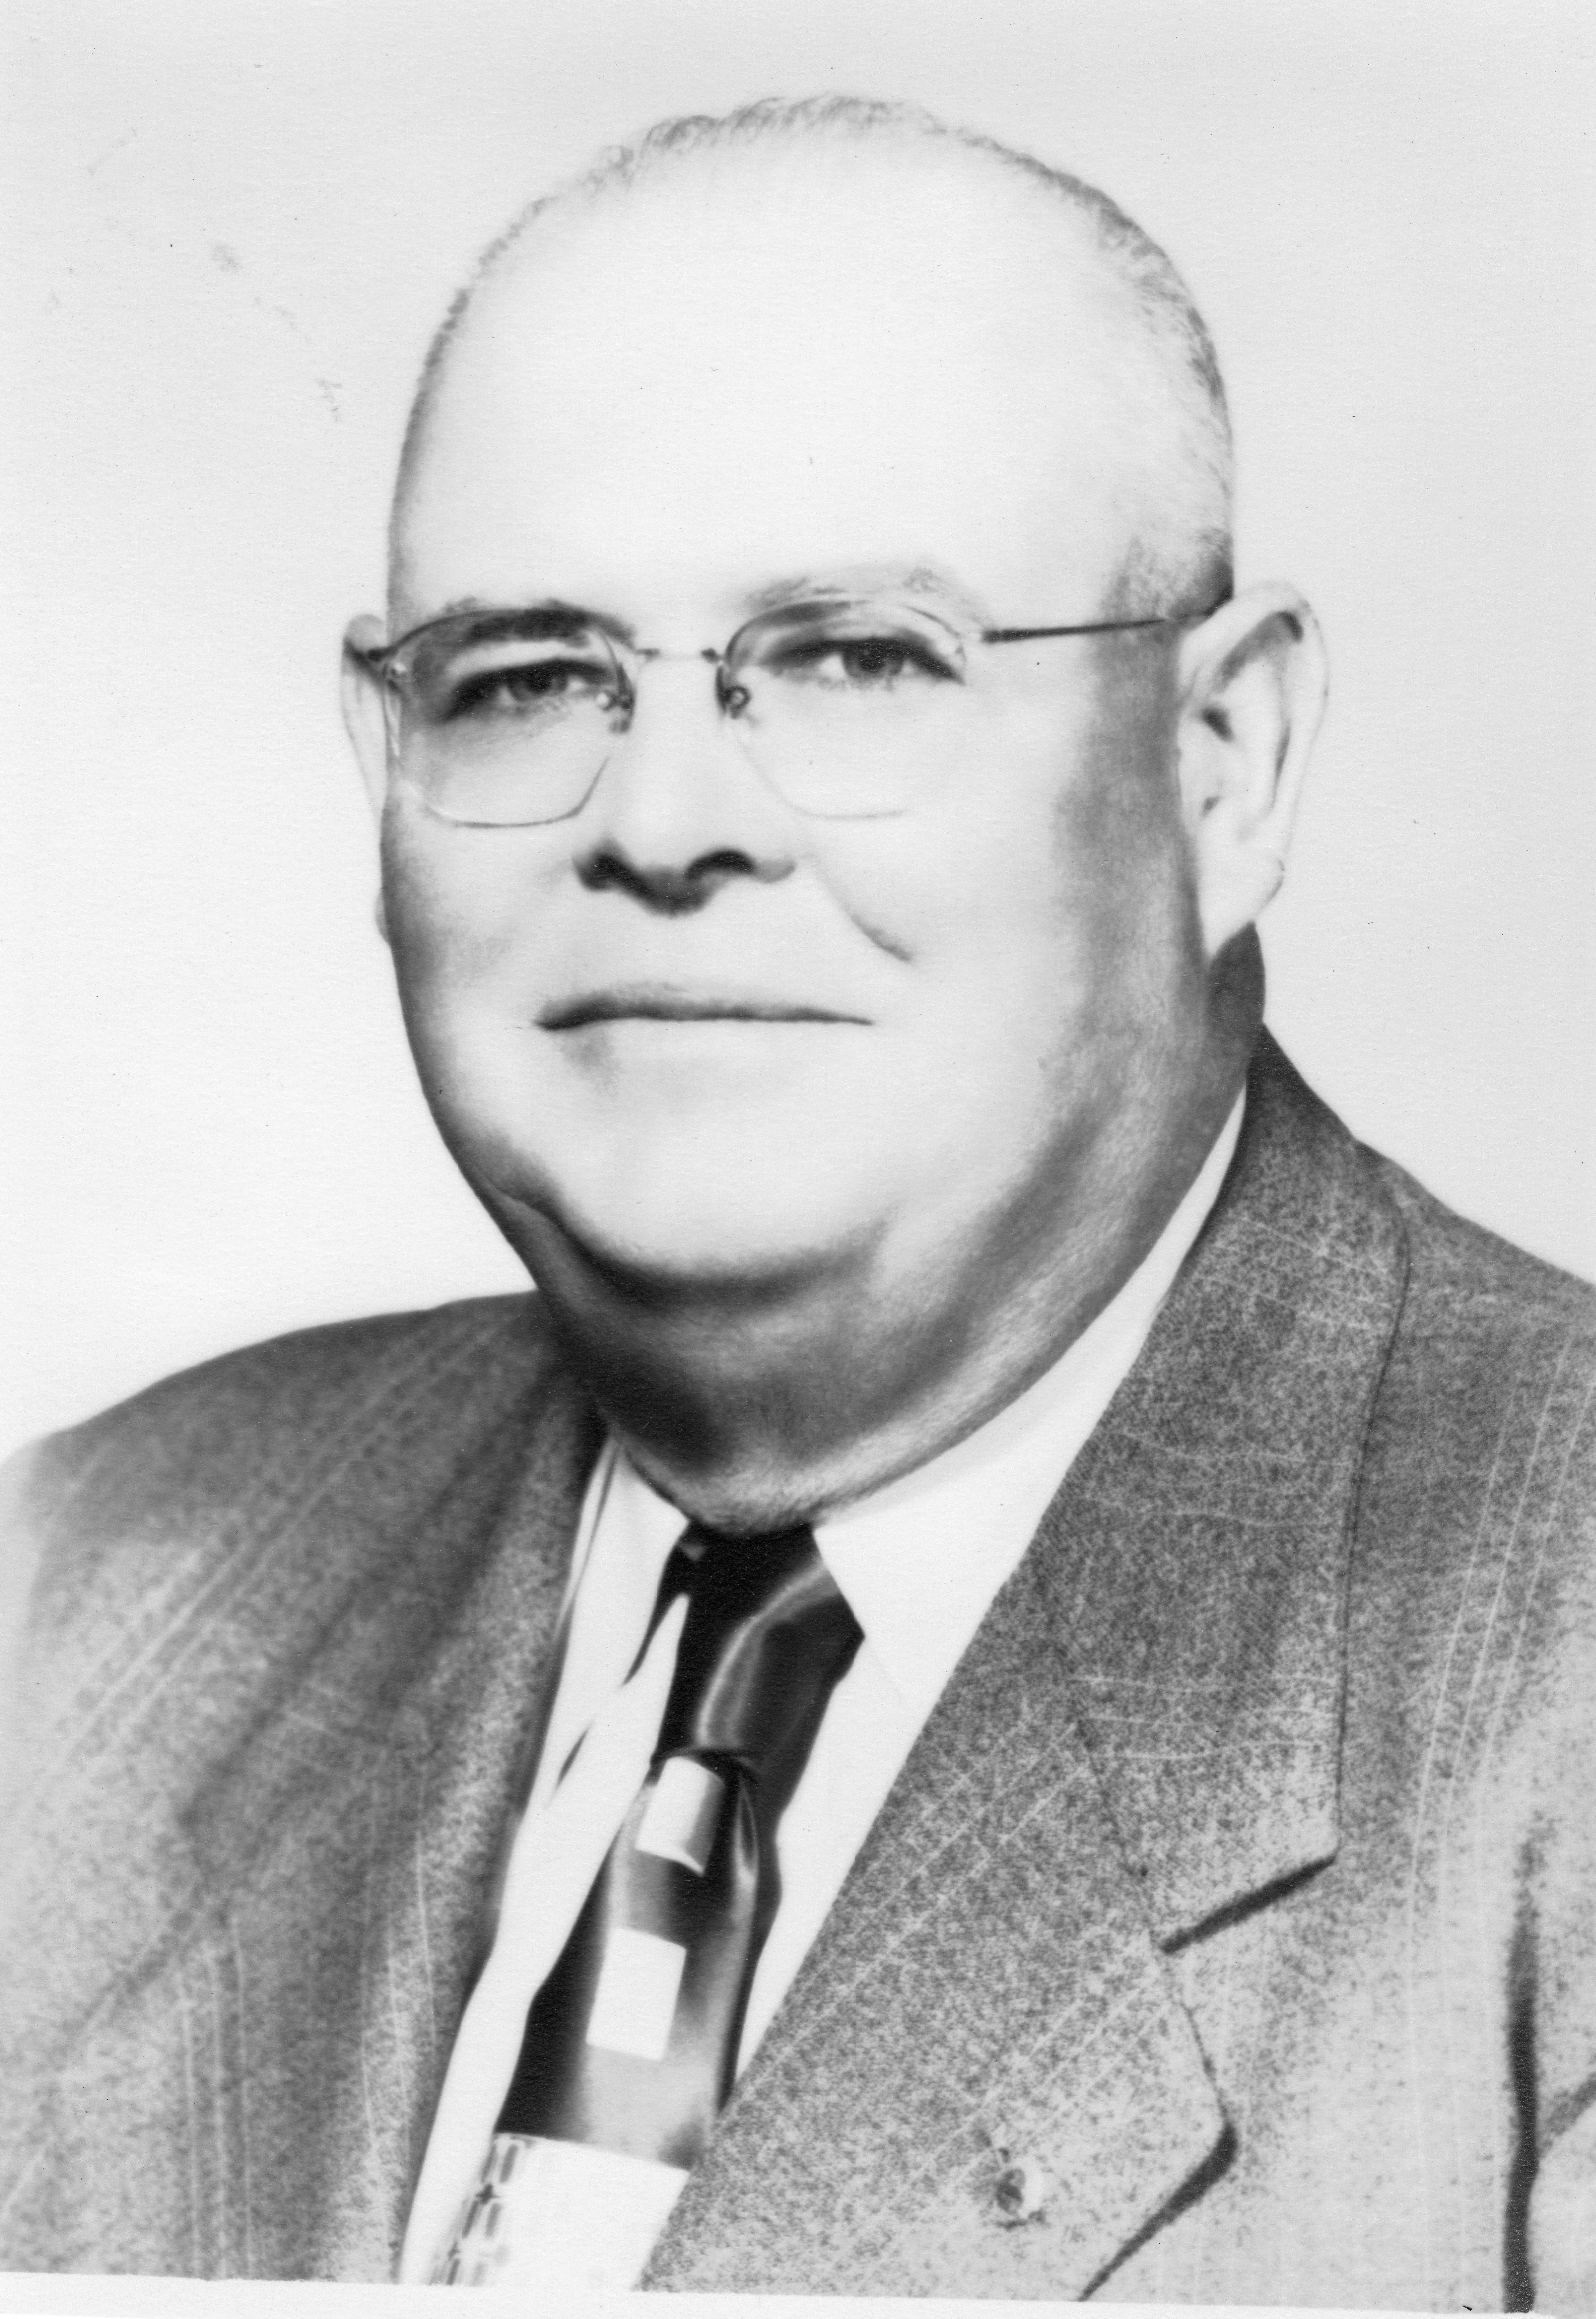 Hugh McKellar